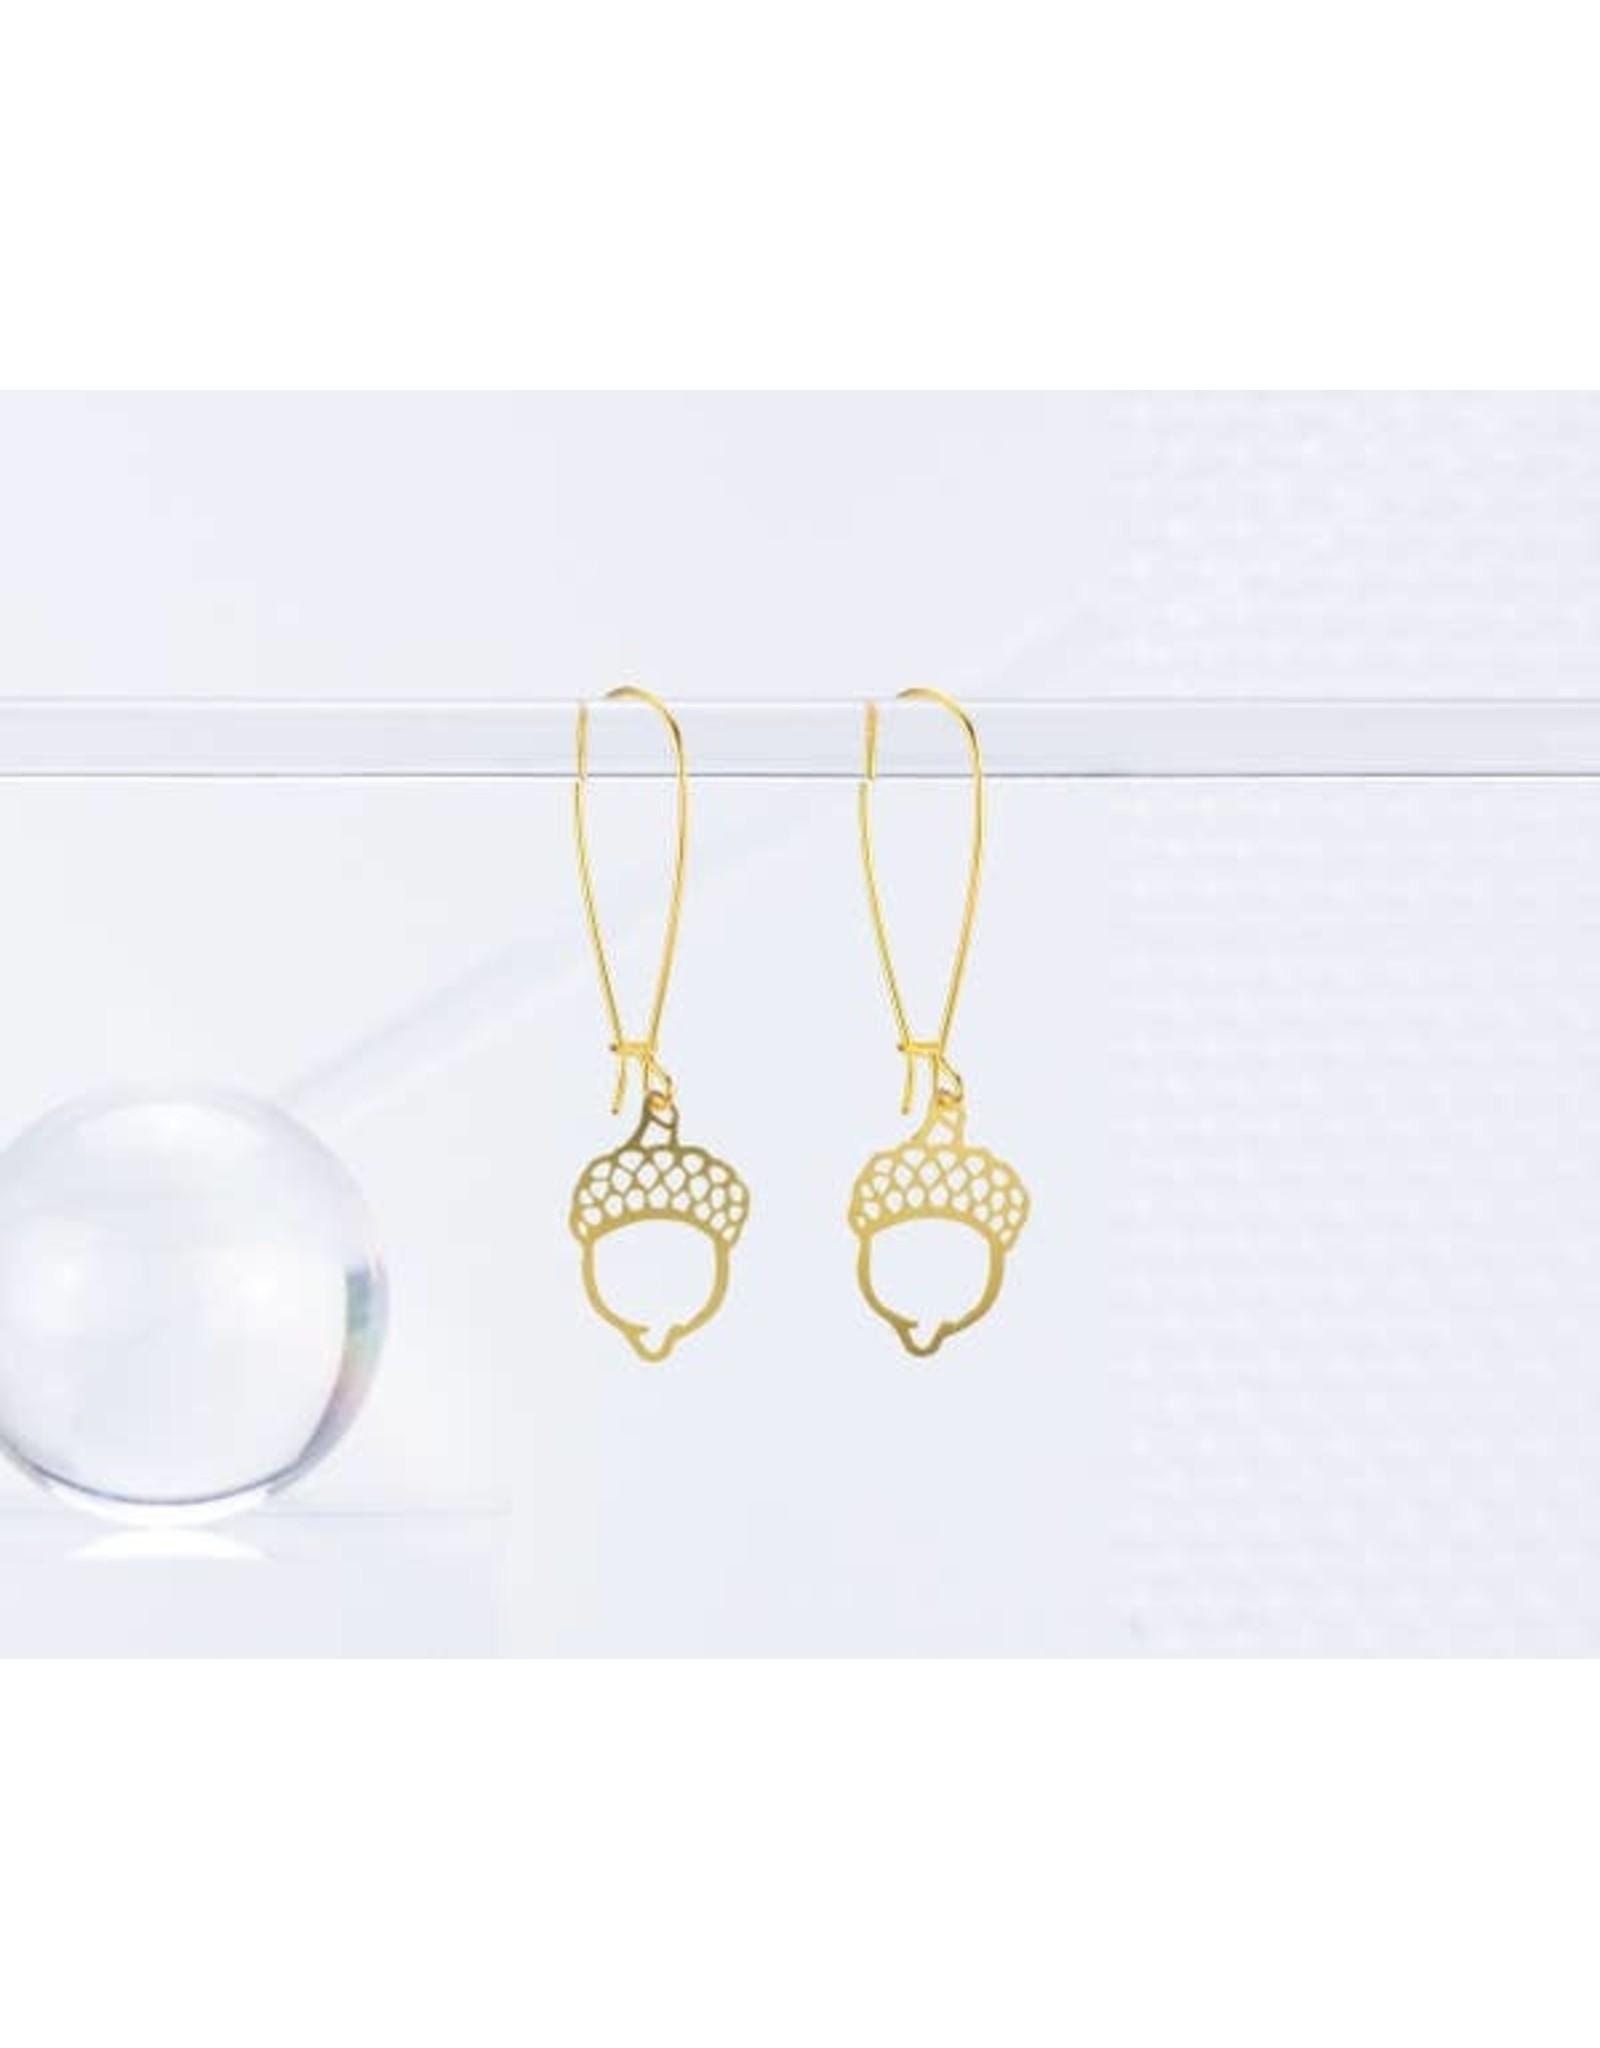 TLJ Oak Acorn Earrings: Gold